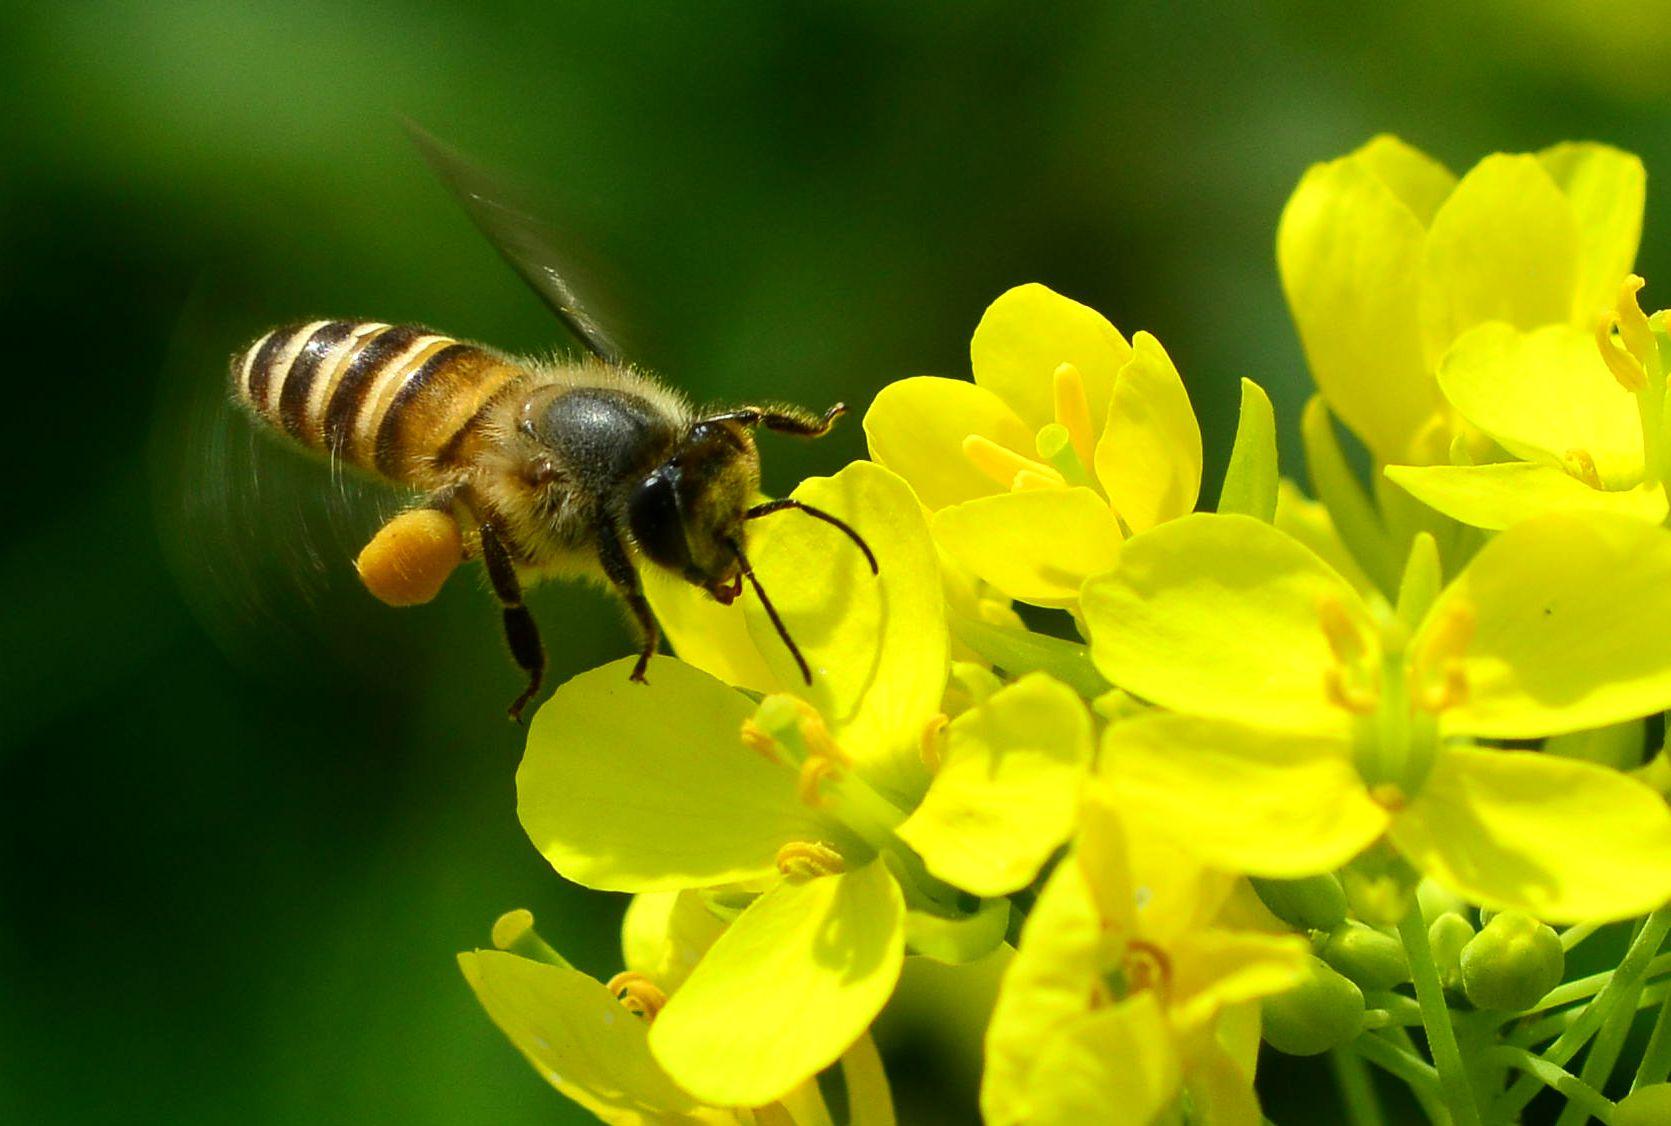 中华蜜蜂和意大利蜜蜂各有什么特点(中华蜜蜂和意大利蜜蜂的特点)